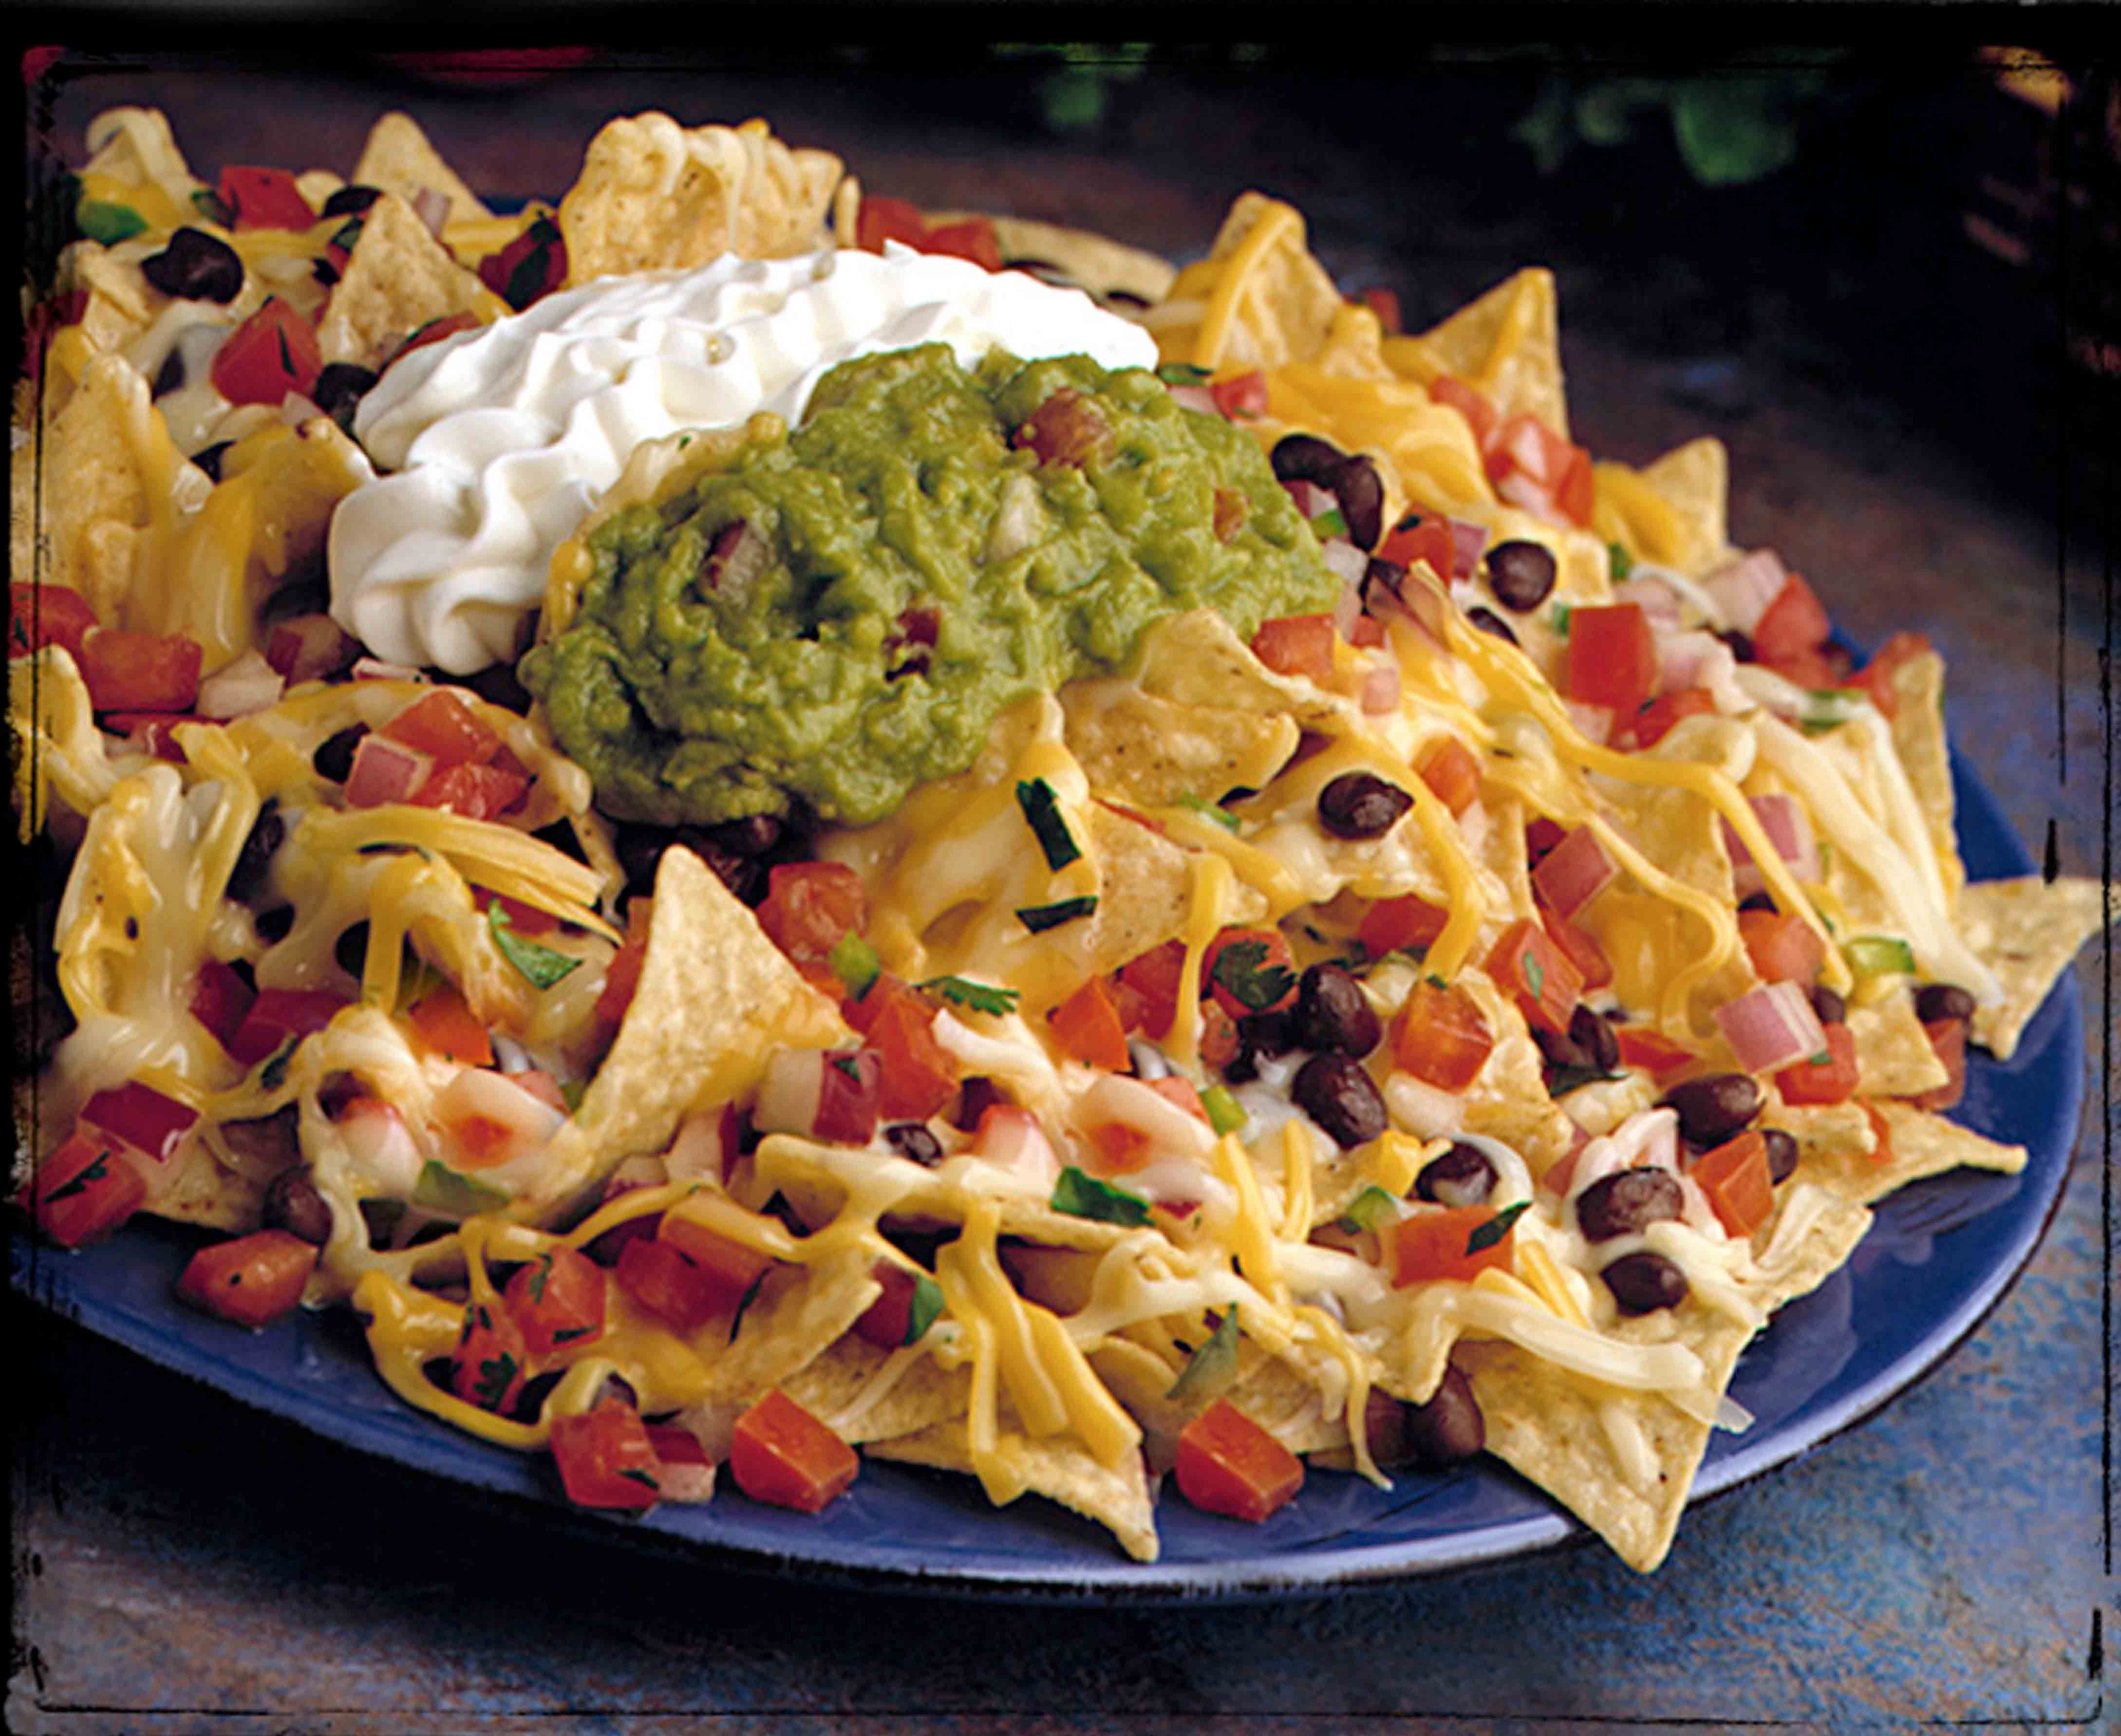 Tios Mexican Cafe Mexican food recipes, Food recipes, Food